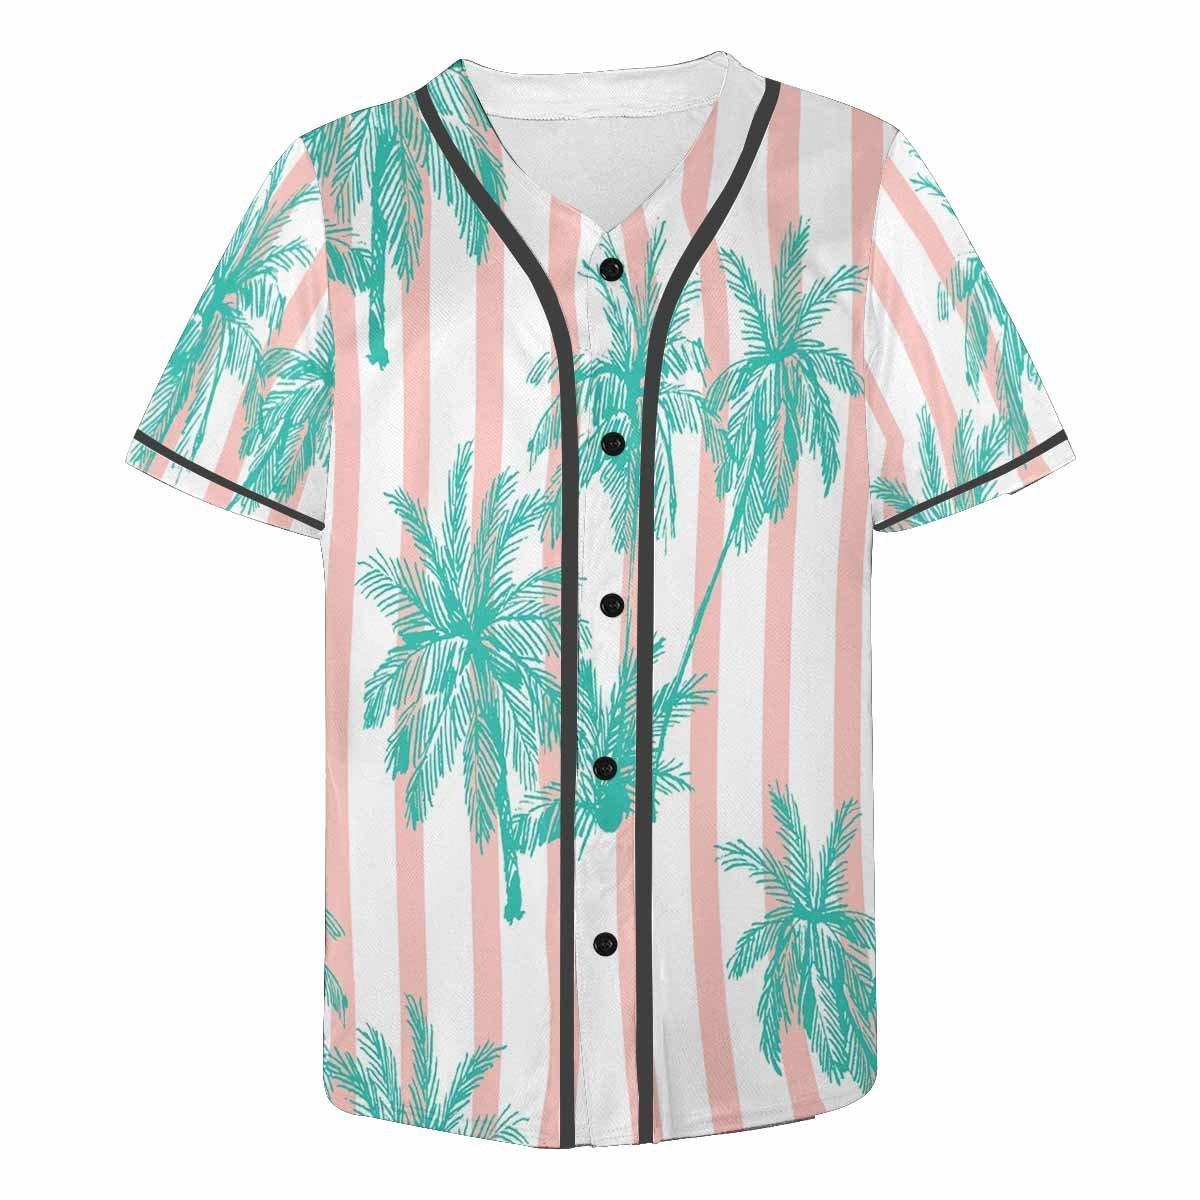 INTERESTPRINT Mens Button Down Baseball Jersey Palm Trees